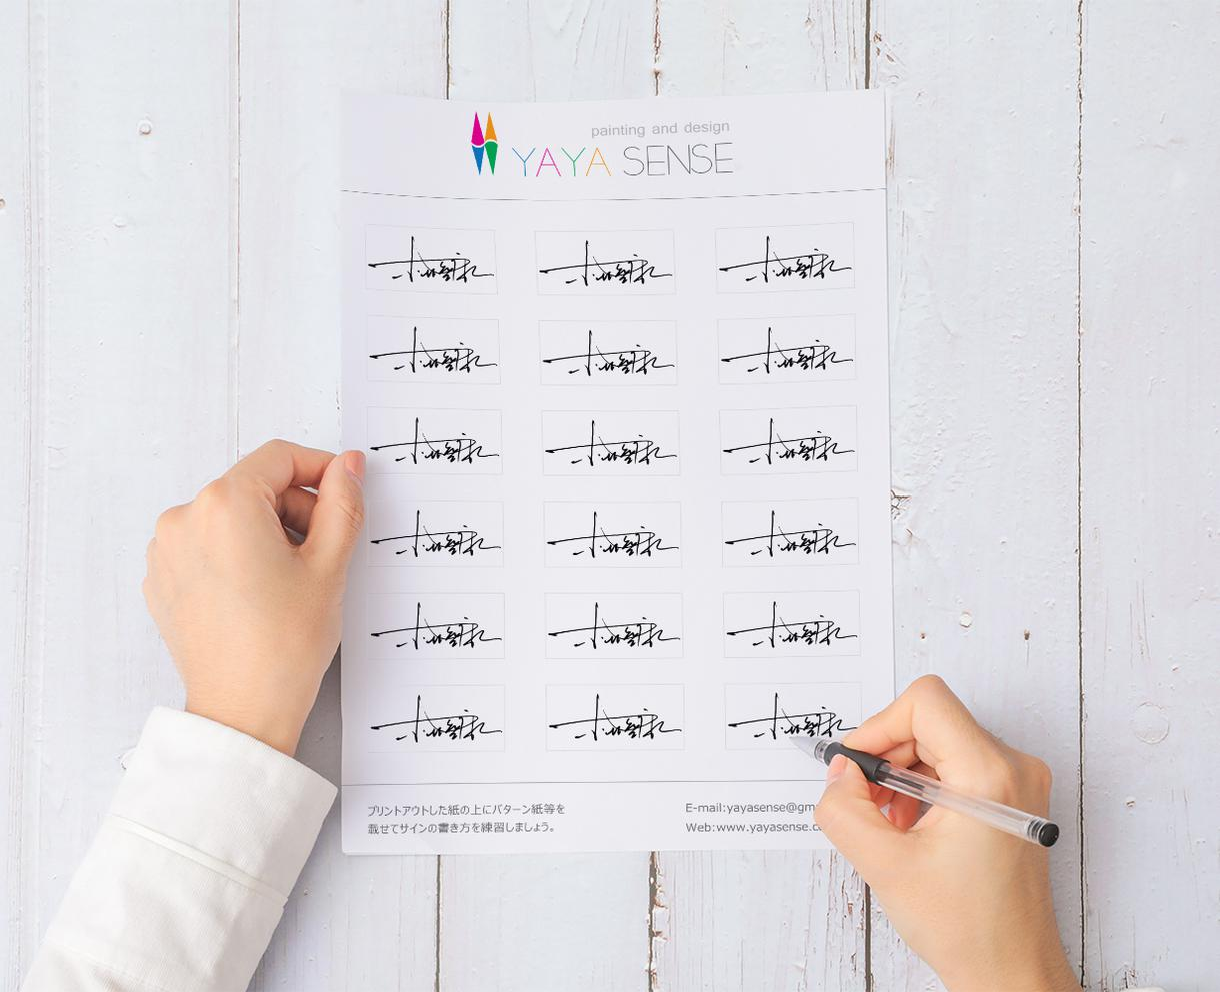 追加オプション購入専用リンクます こちらはサインデザインの追加オプション購入専用リンク。